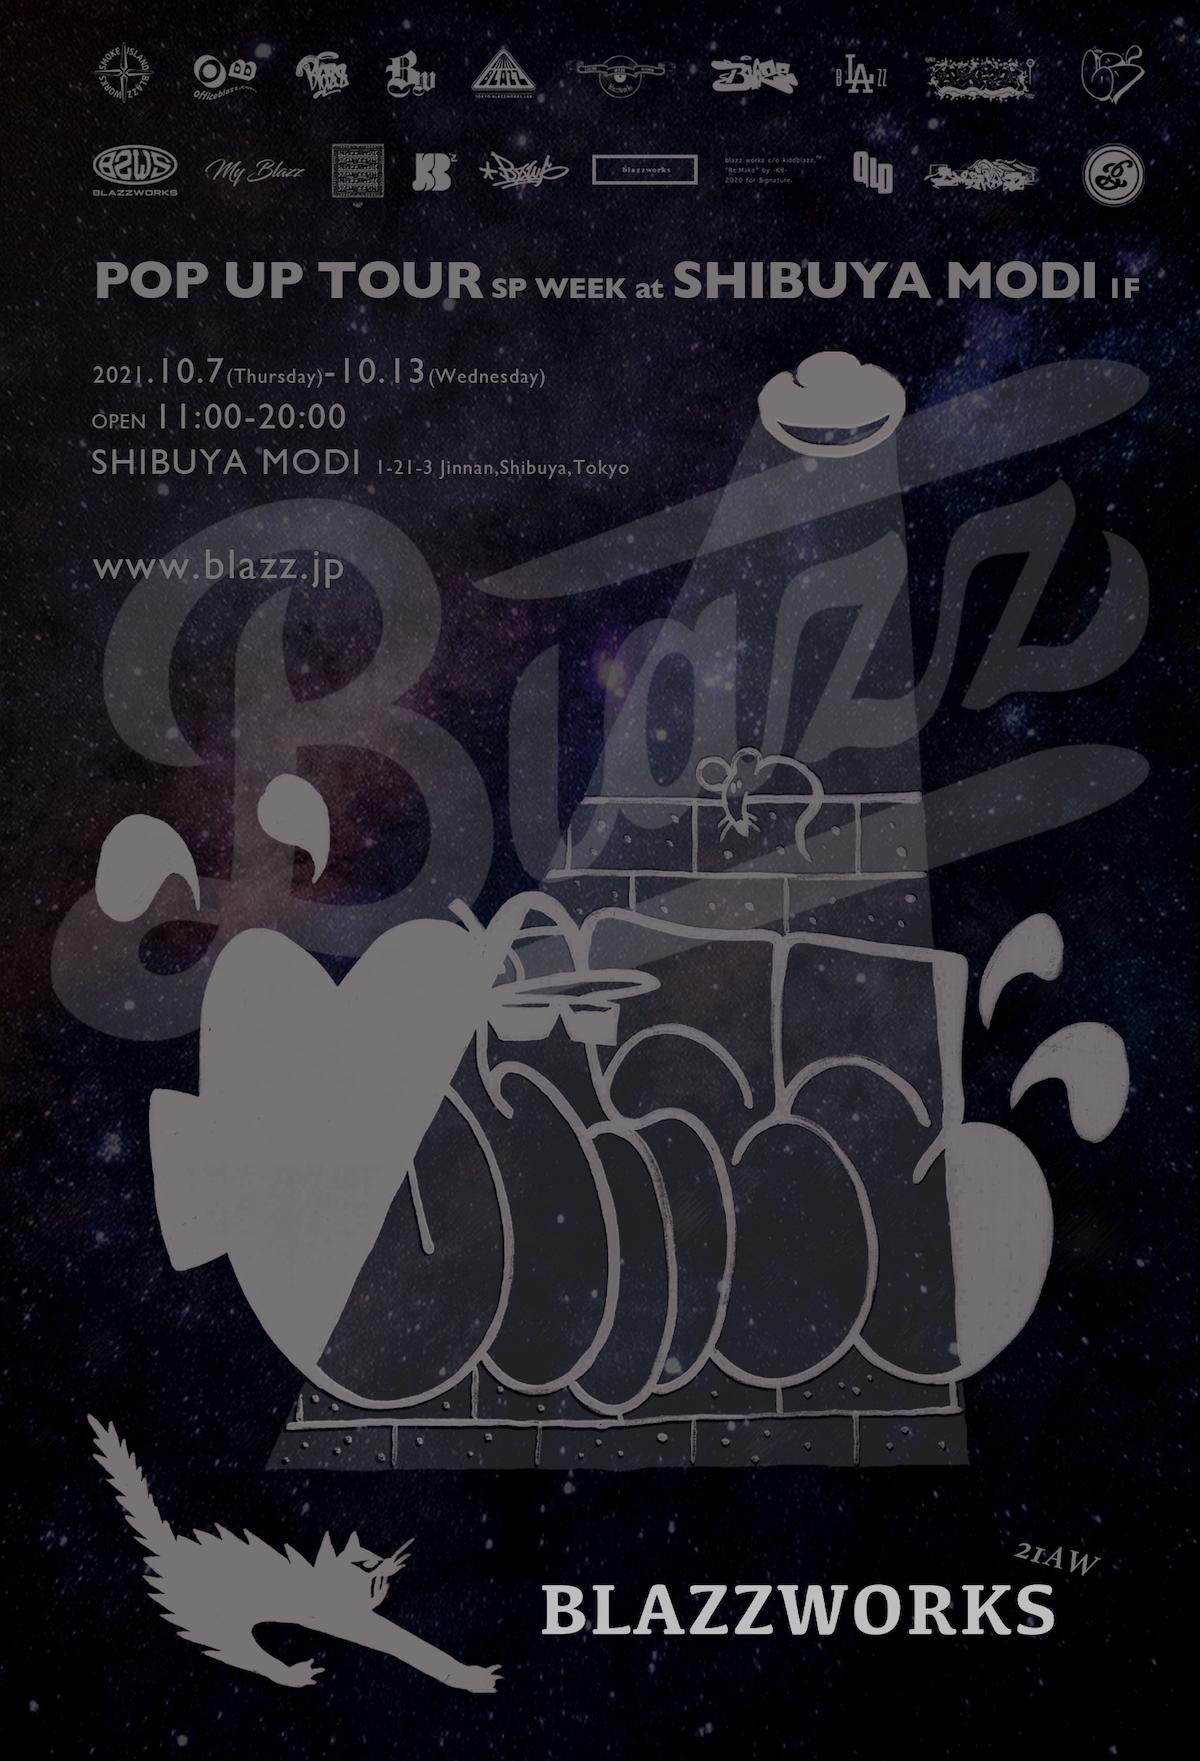 blazz works 21AW POP UP TOUR in-SHIBUYA- 商品紹介其の一